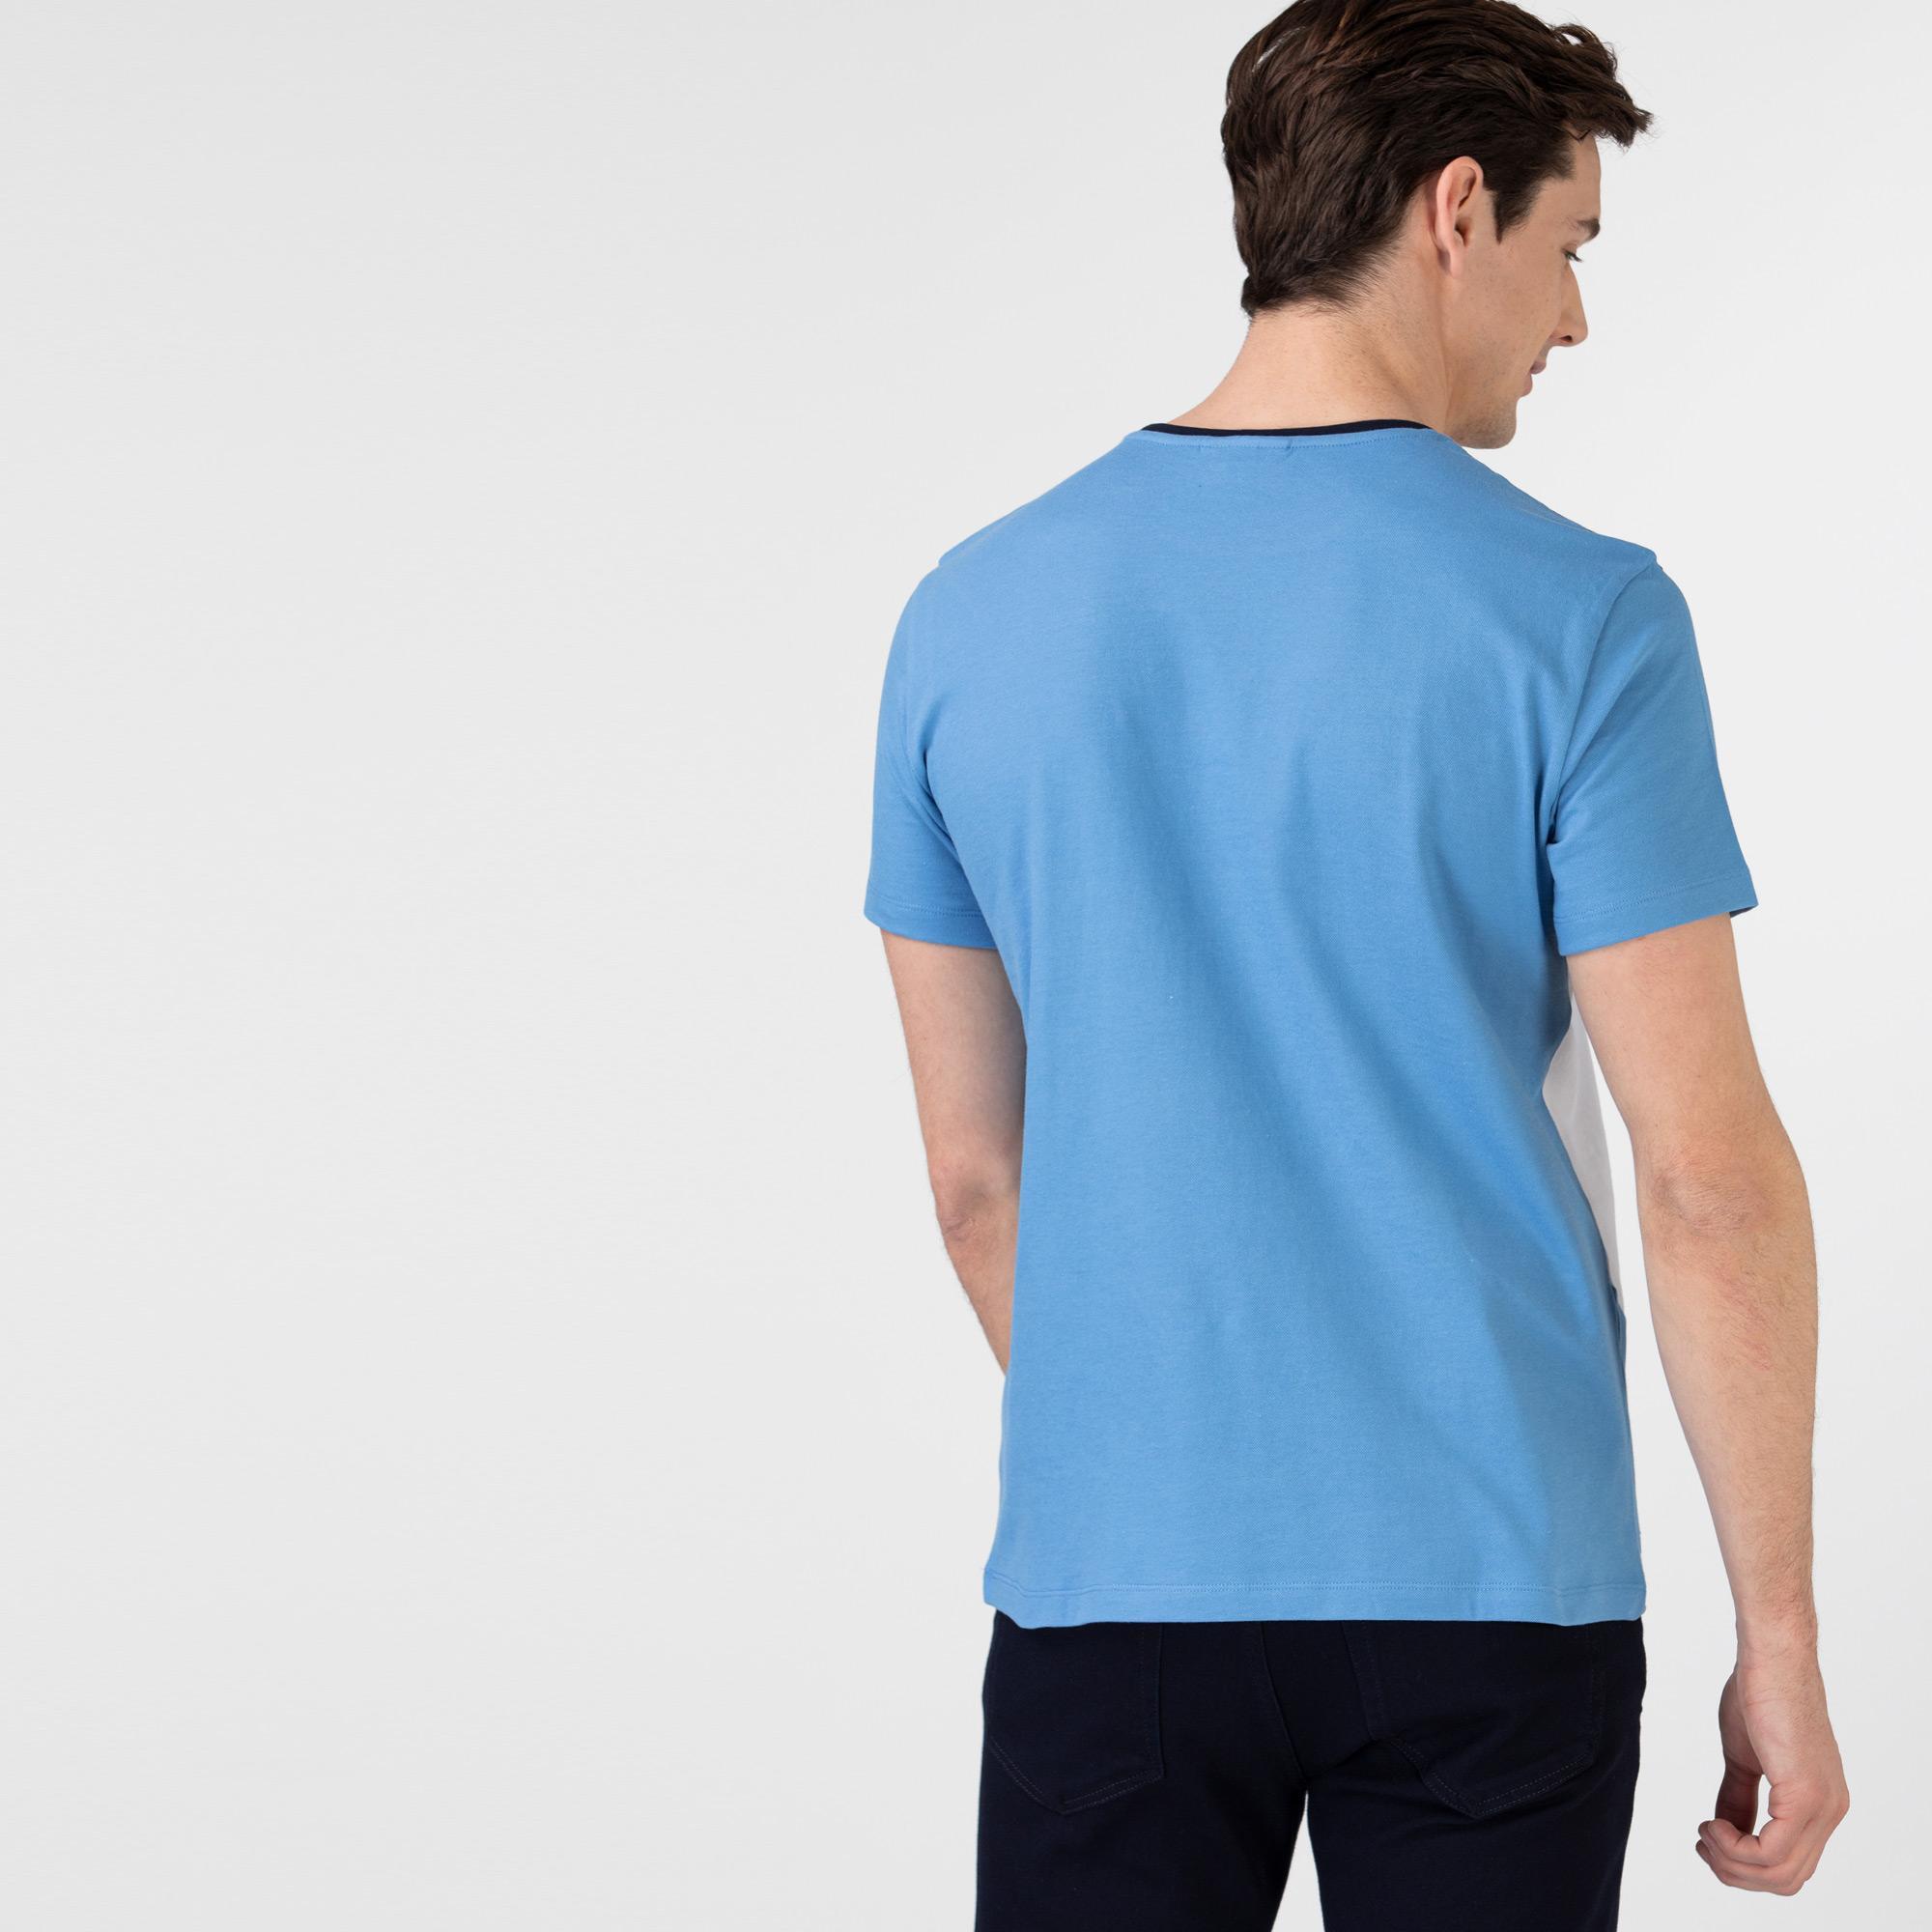 Lacoste Erkek Regular Fit Bisiklet Yaka Renk Bloklu Mavi T-Shirt